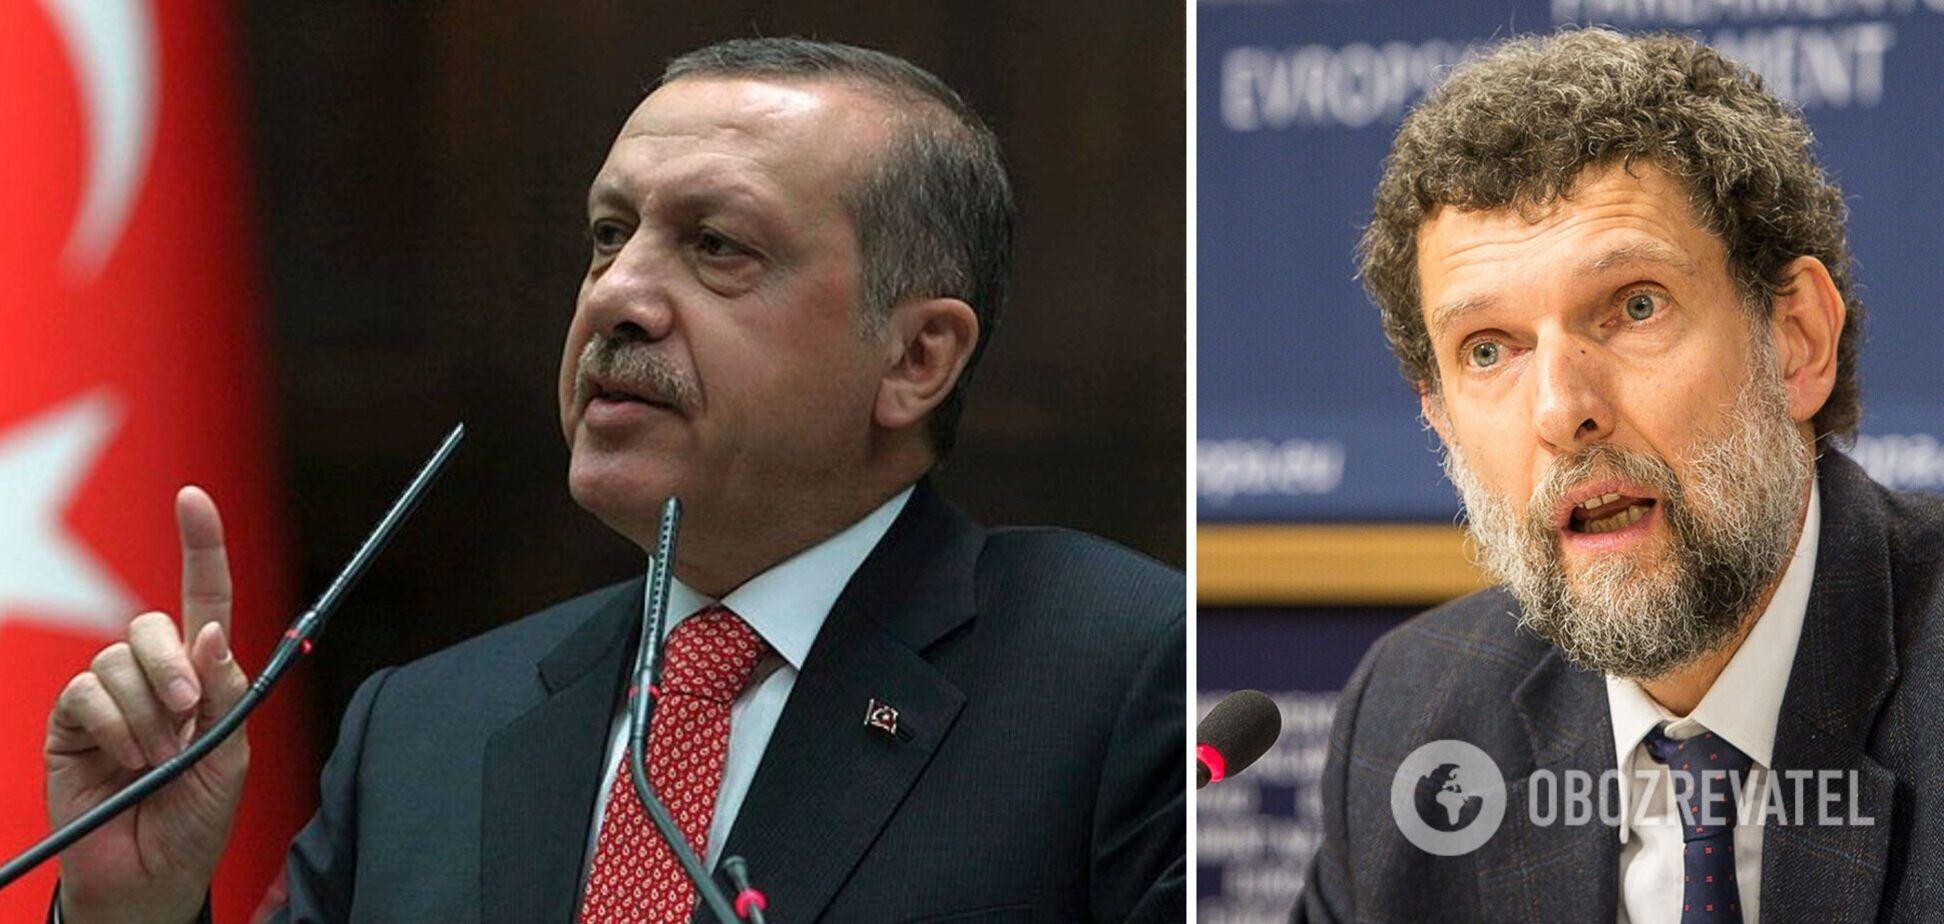 Ердоган розпорядився оголосити персонами нон ґрата послів 10 країн, які закликали звільнити опального правозахисника